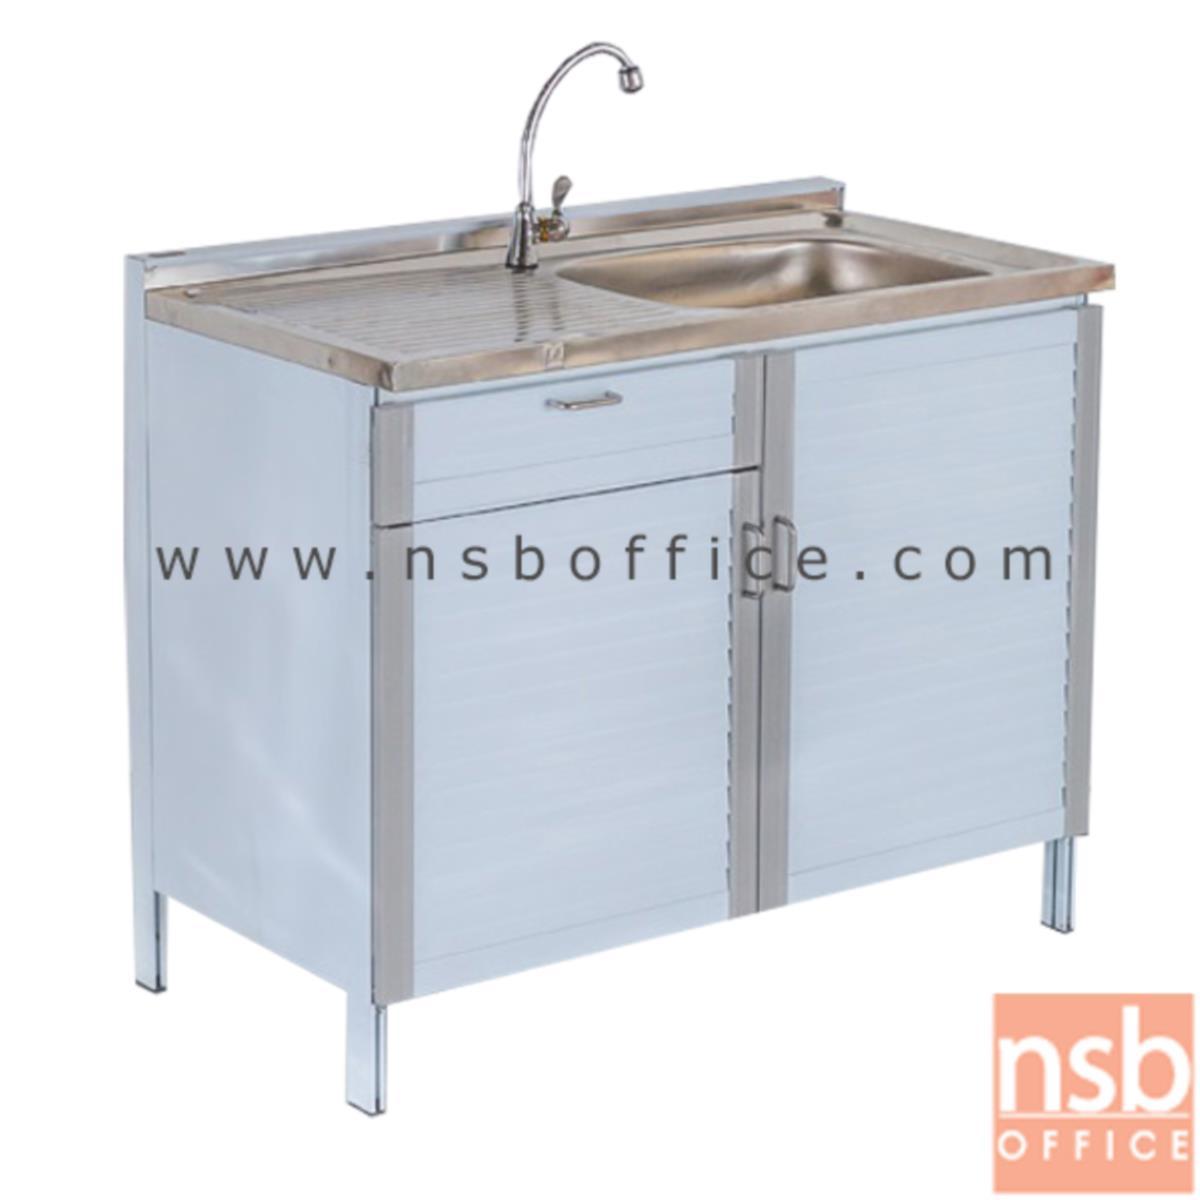 G07A100:ตู้ครัวอ่างซิงค์ล้างจาน หน้าบานเกล็ด 100W cm  โครงอลูมิเนียม